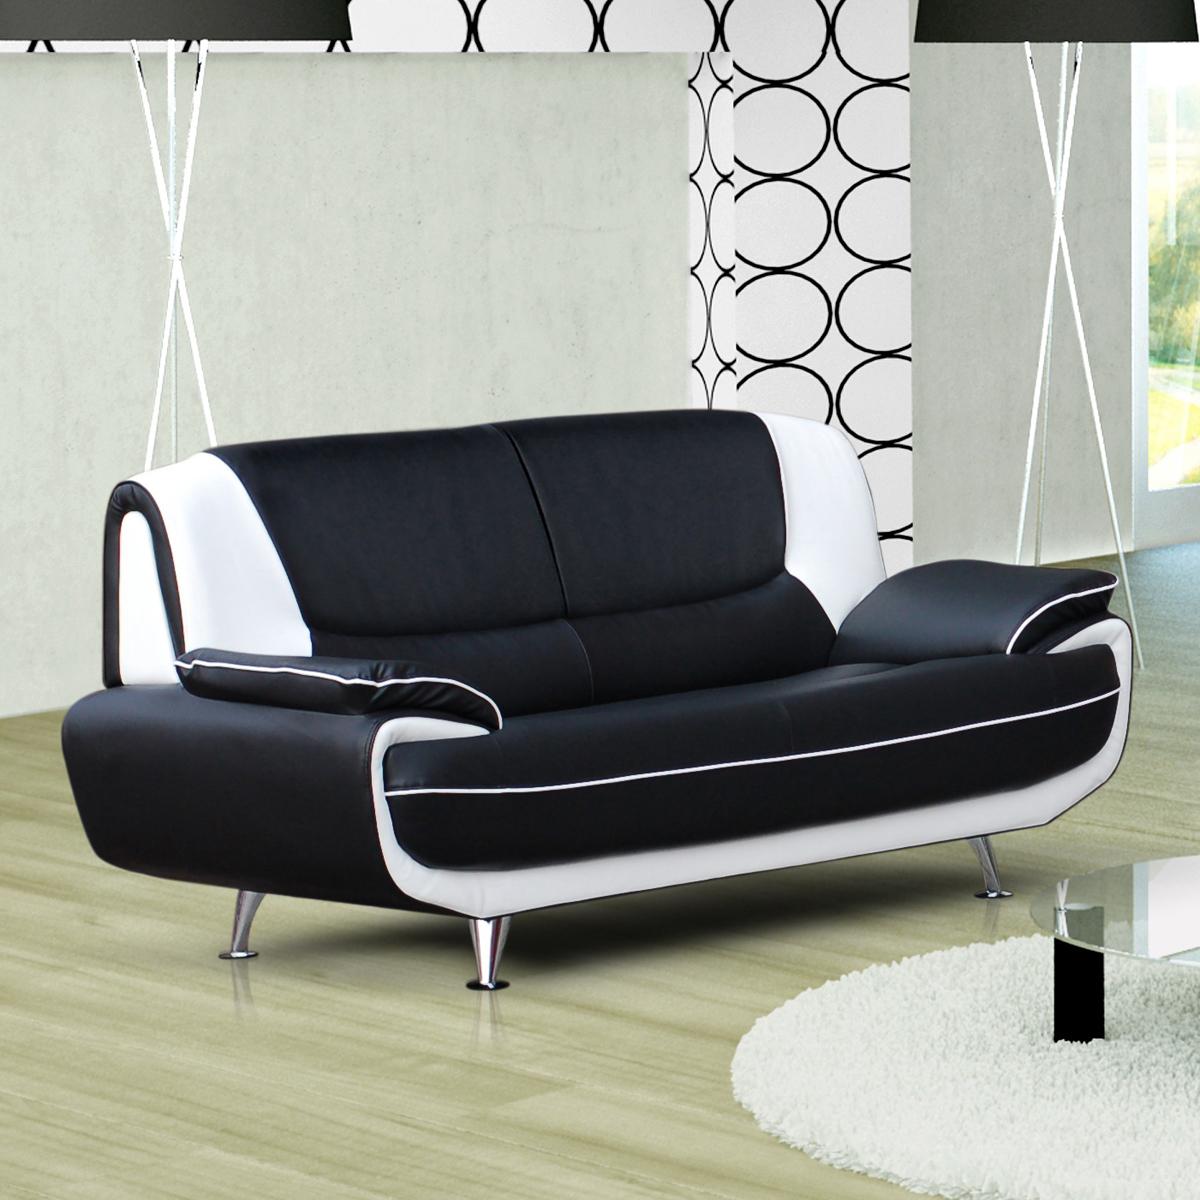 sofa couch ecksofa palermo wohnzimmer designer eckcouch schwarz wei ebay. Black Bedroom Furniture Sets. Home Design Ideas